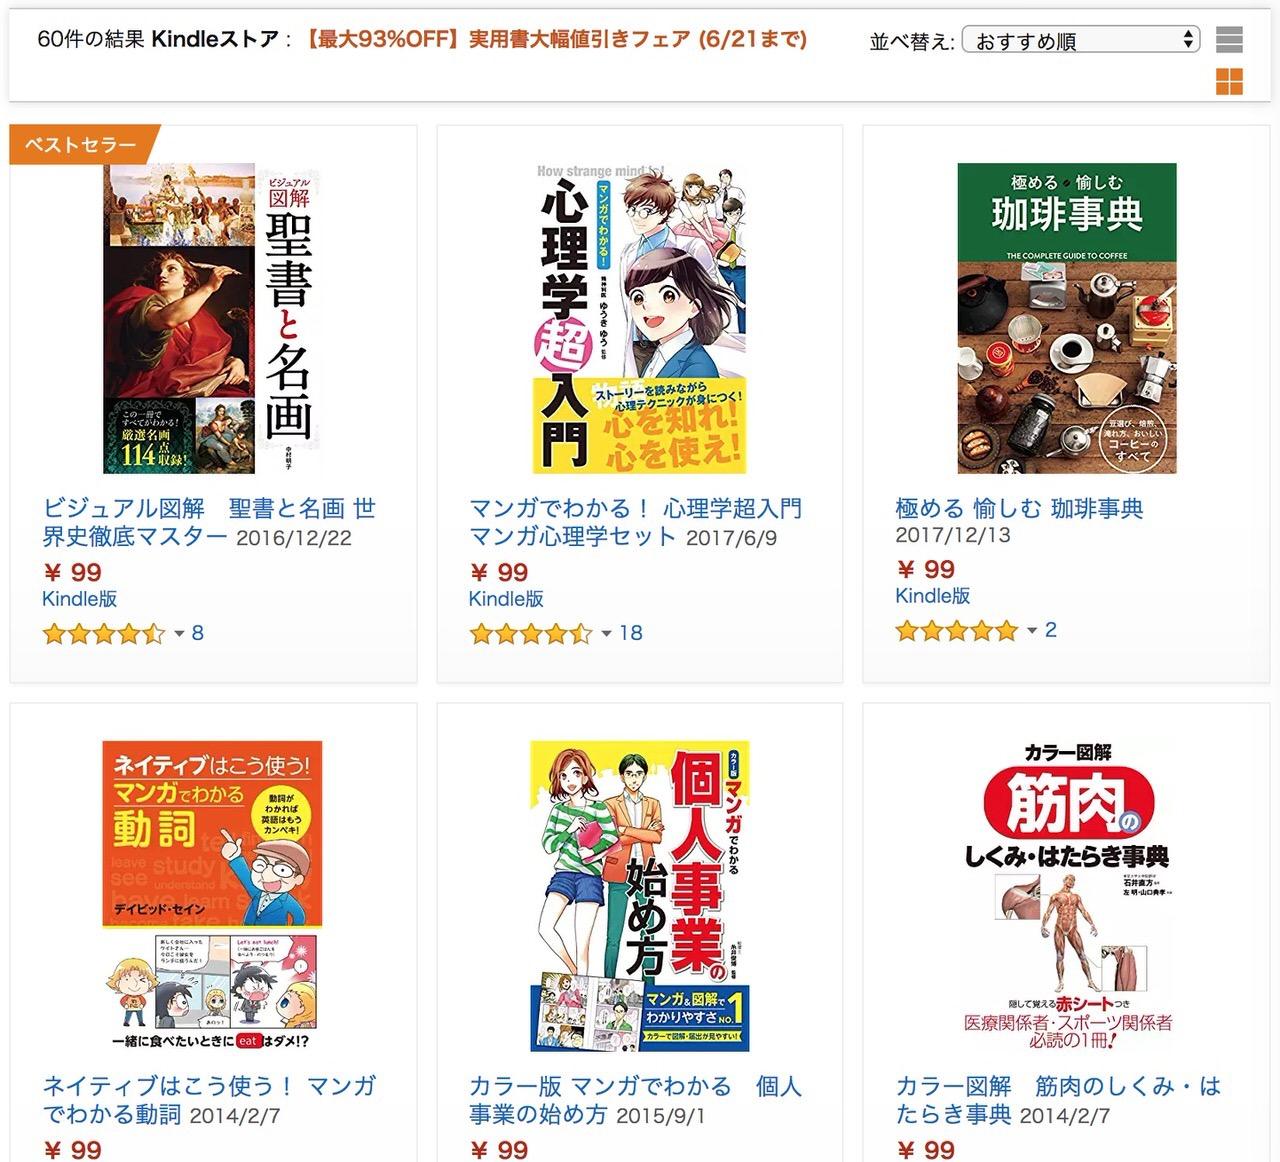 【Kindleセール】最大93%OFF「実用書大幅値引きフェア」(6/21まで)